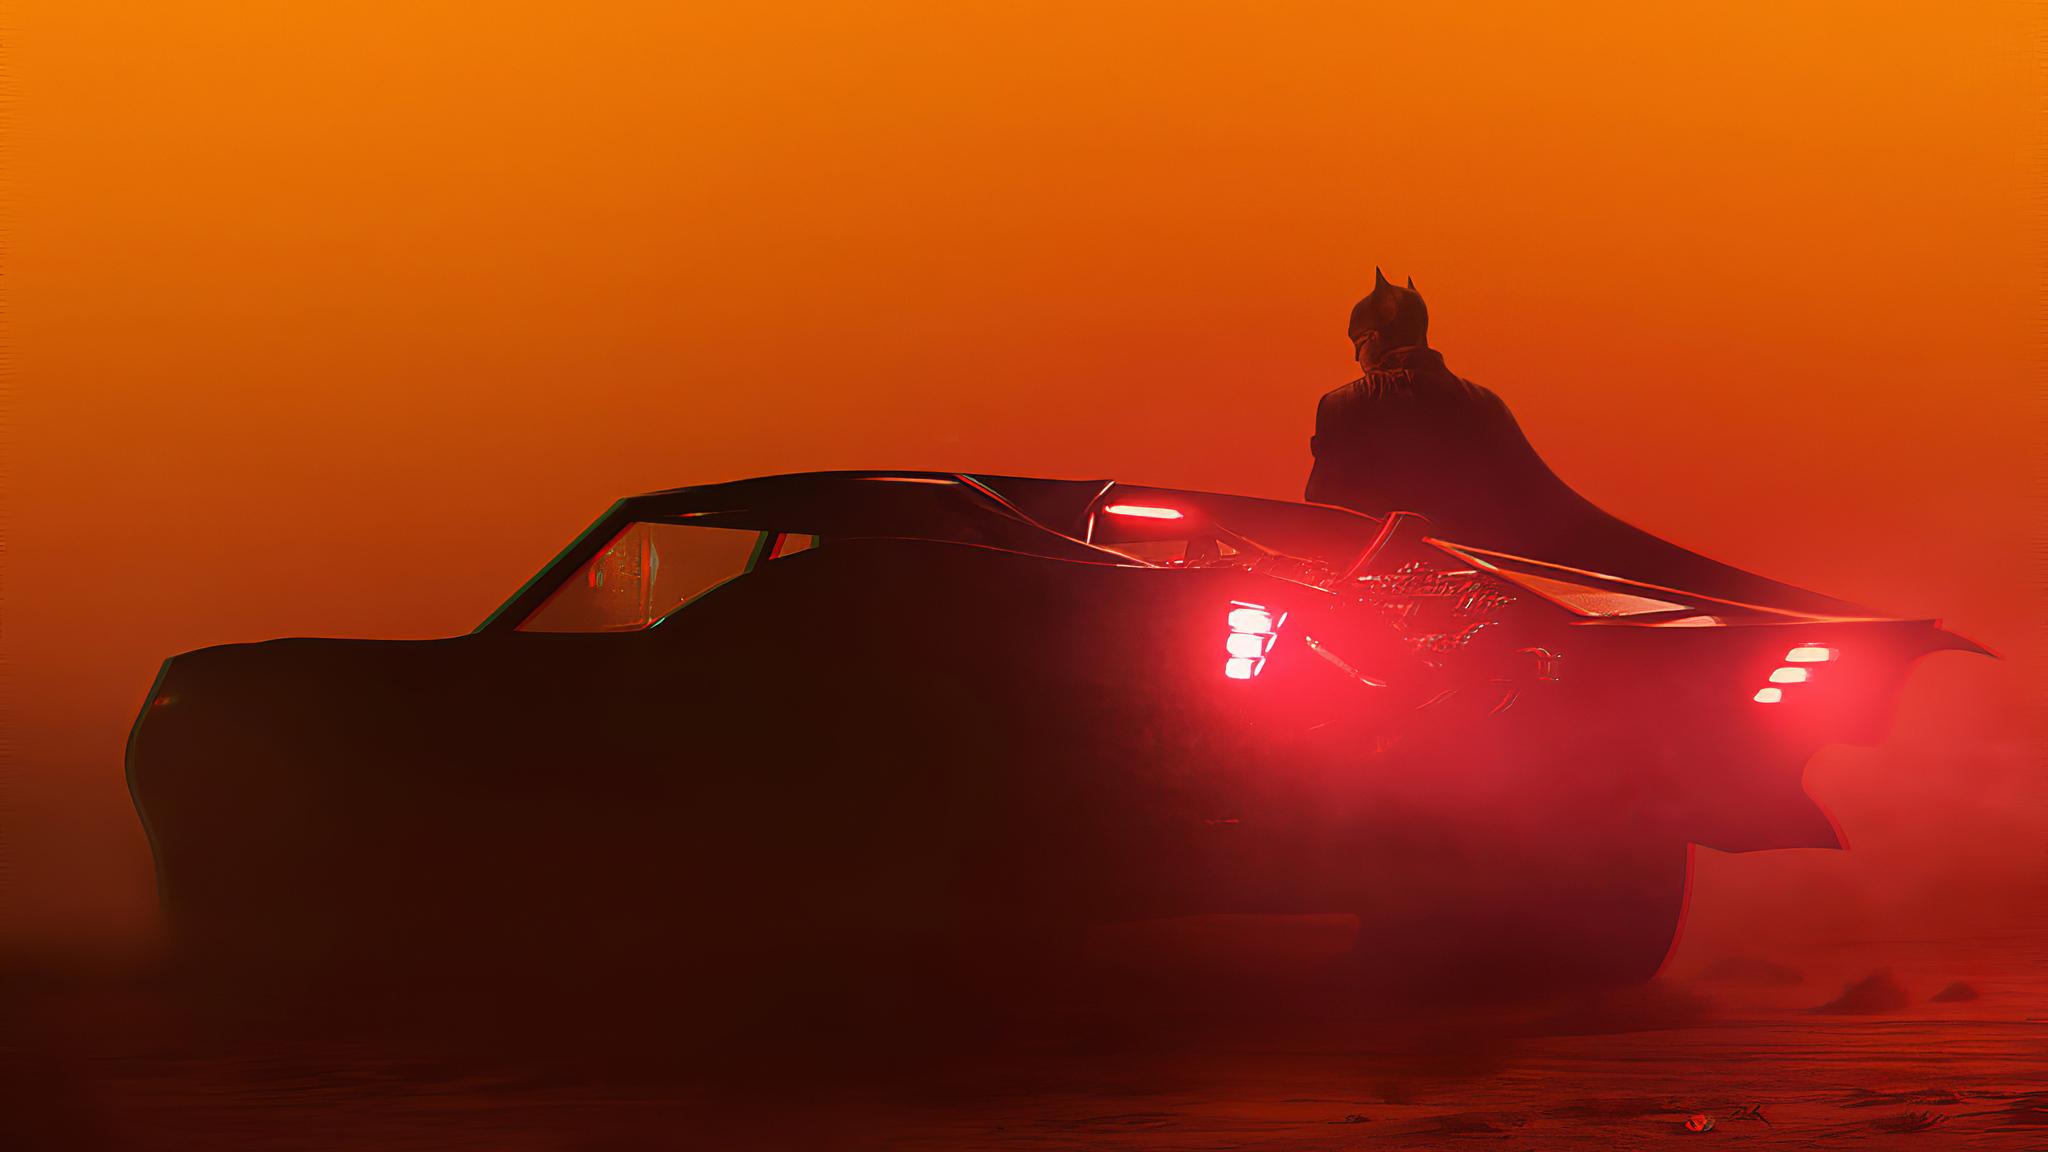 2048x1152 Batman X Blade Runner 4k 2048x1152 Resolution HD ...